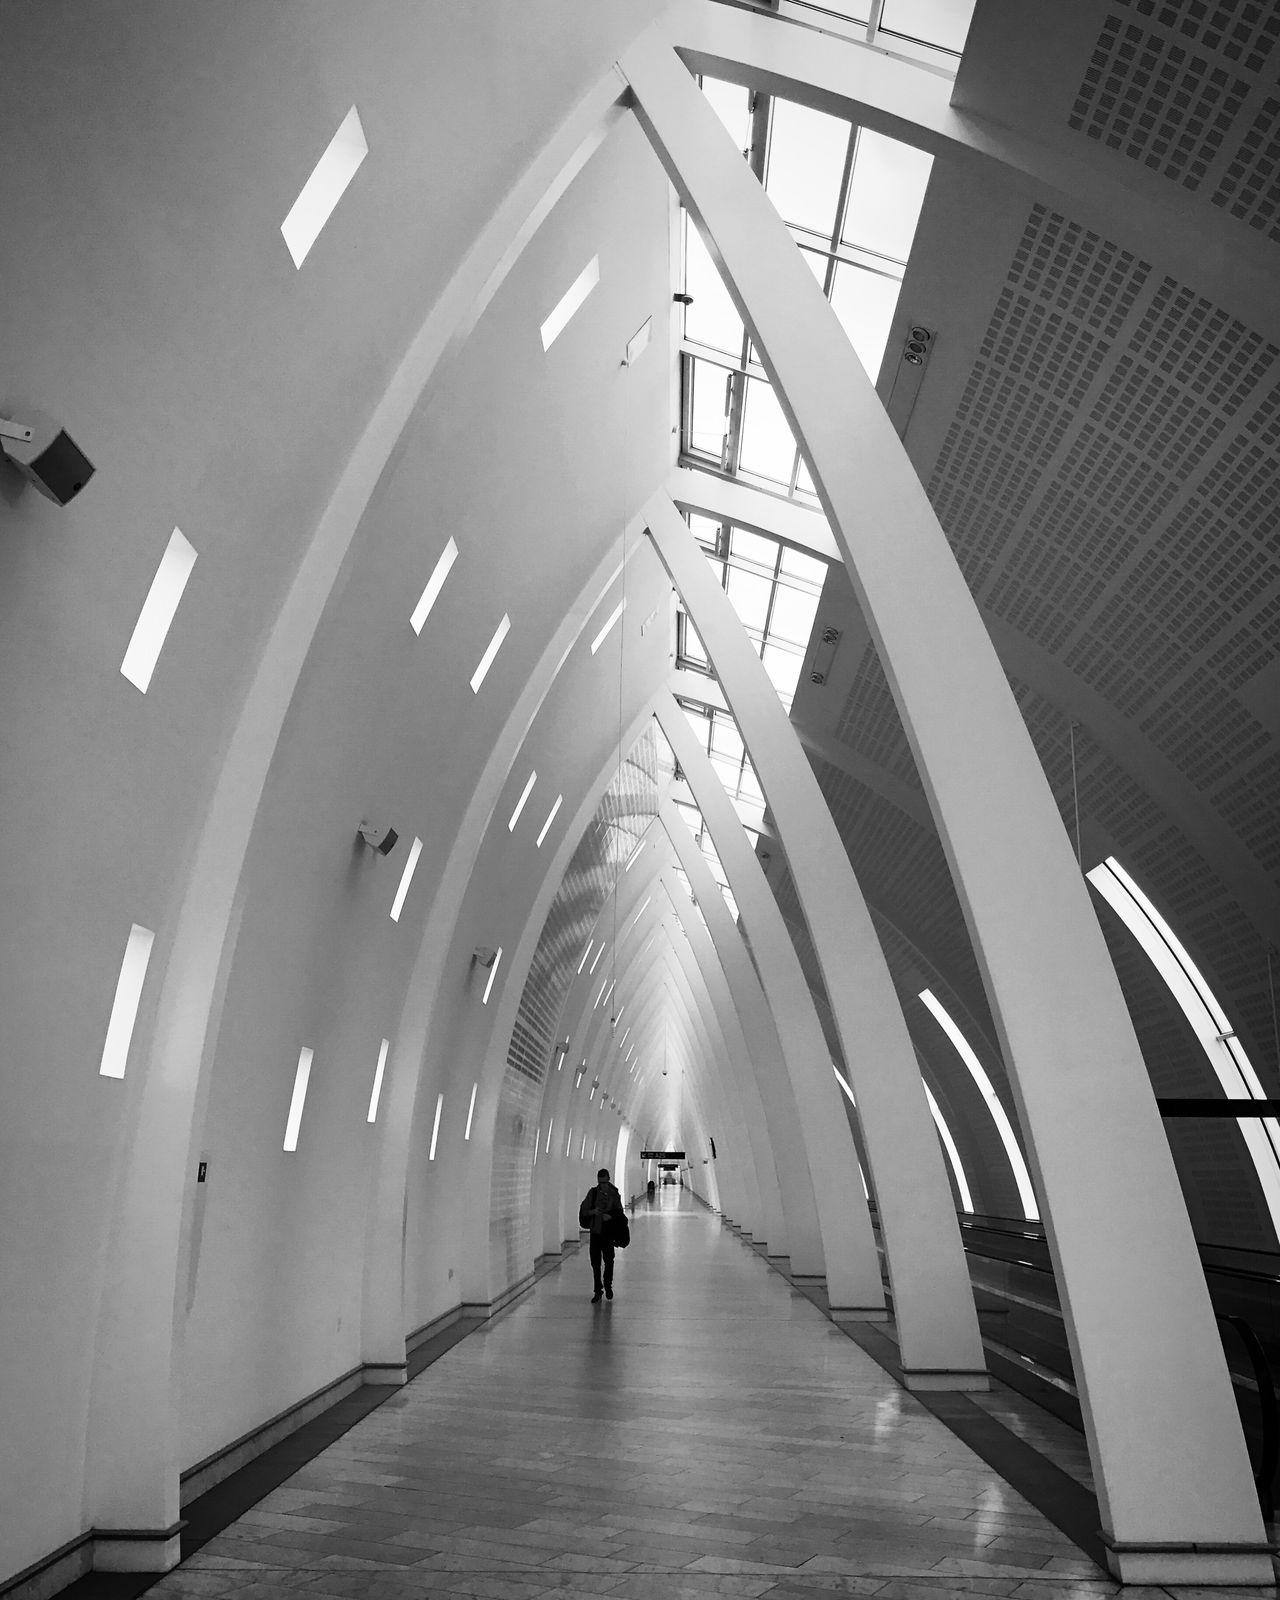 Bw_collection Black And White Architecture Architecture Monochrome